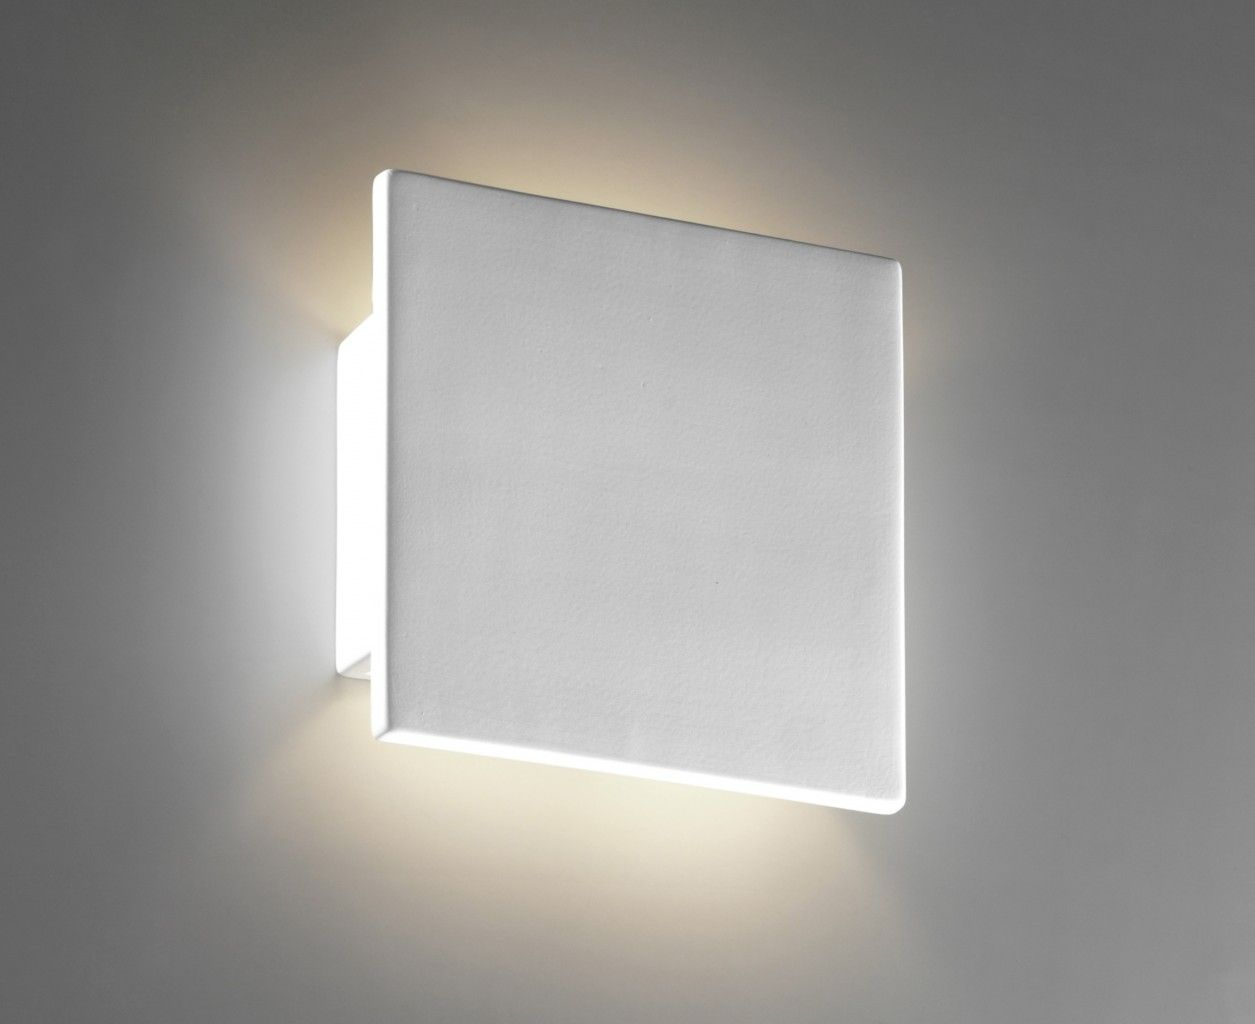 Applique in gesso a scomparsa lampade in gesso idea d immagine